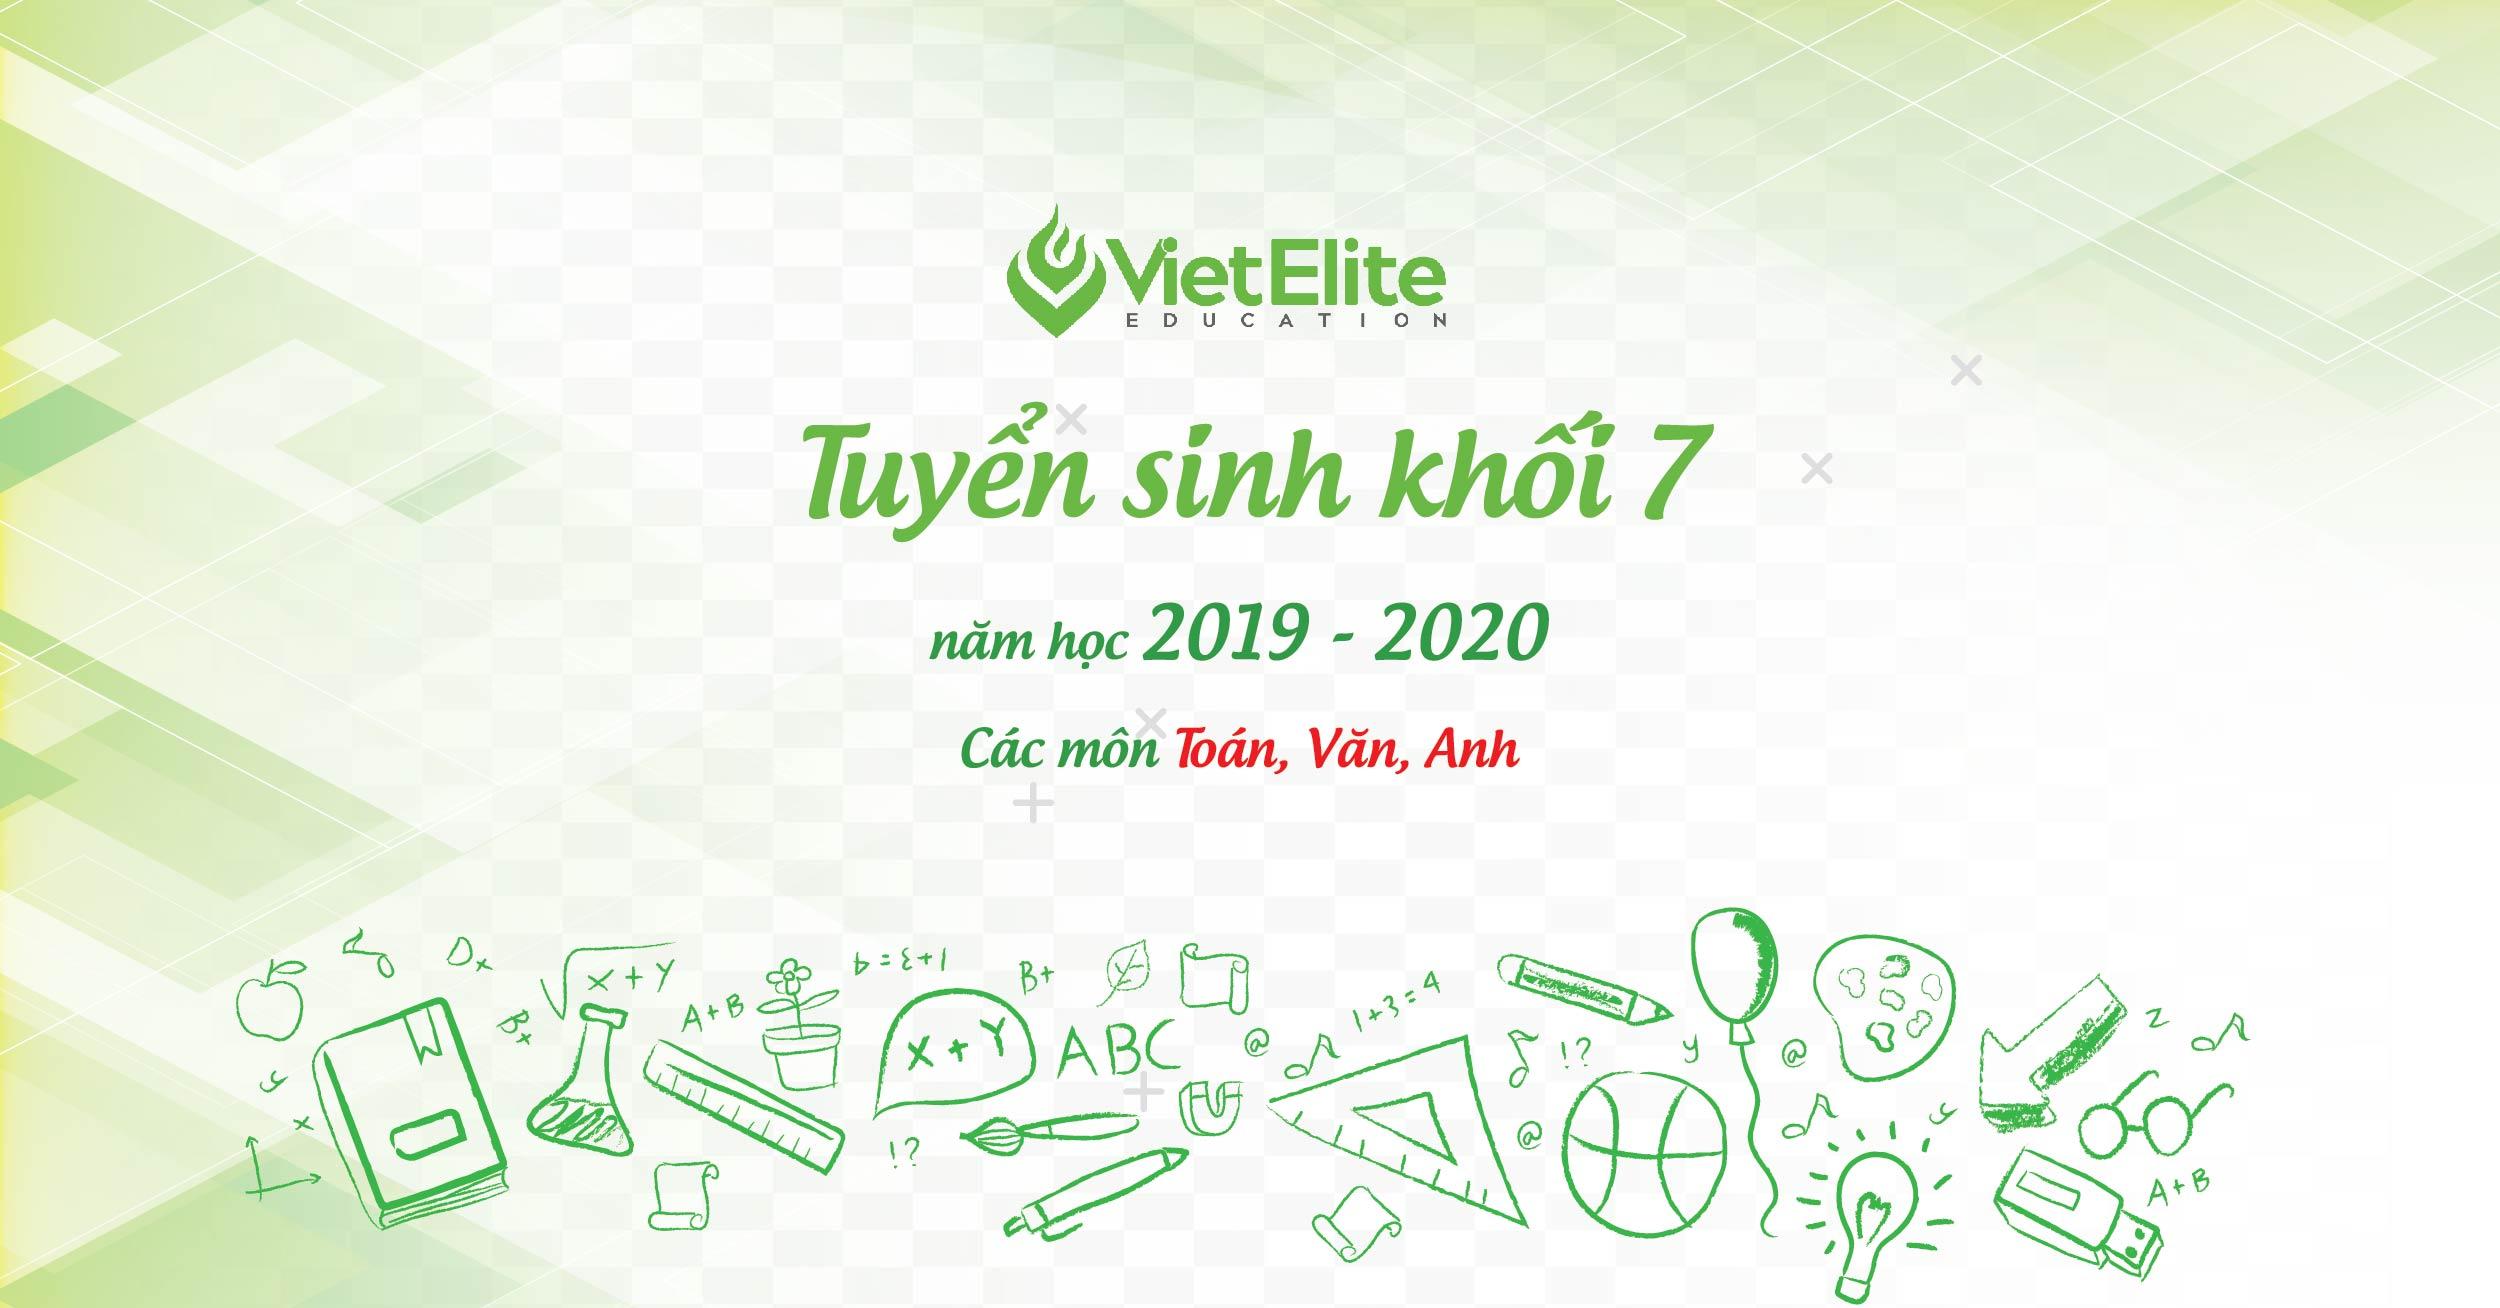 Tuyển sinh khôi 7 năm học 2019 - 2020